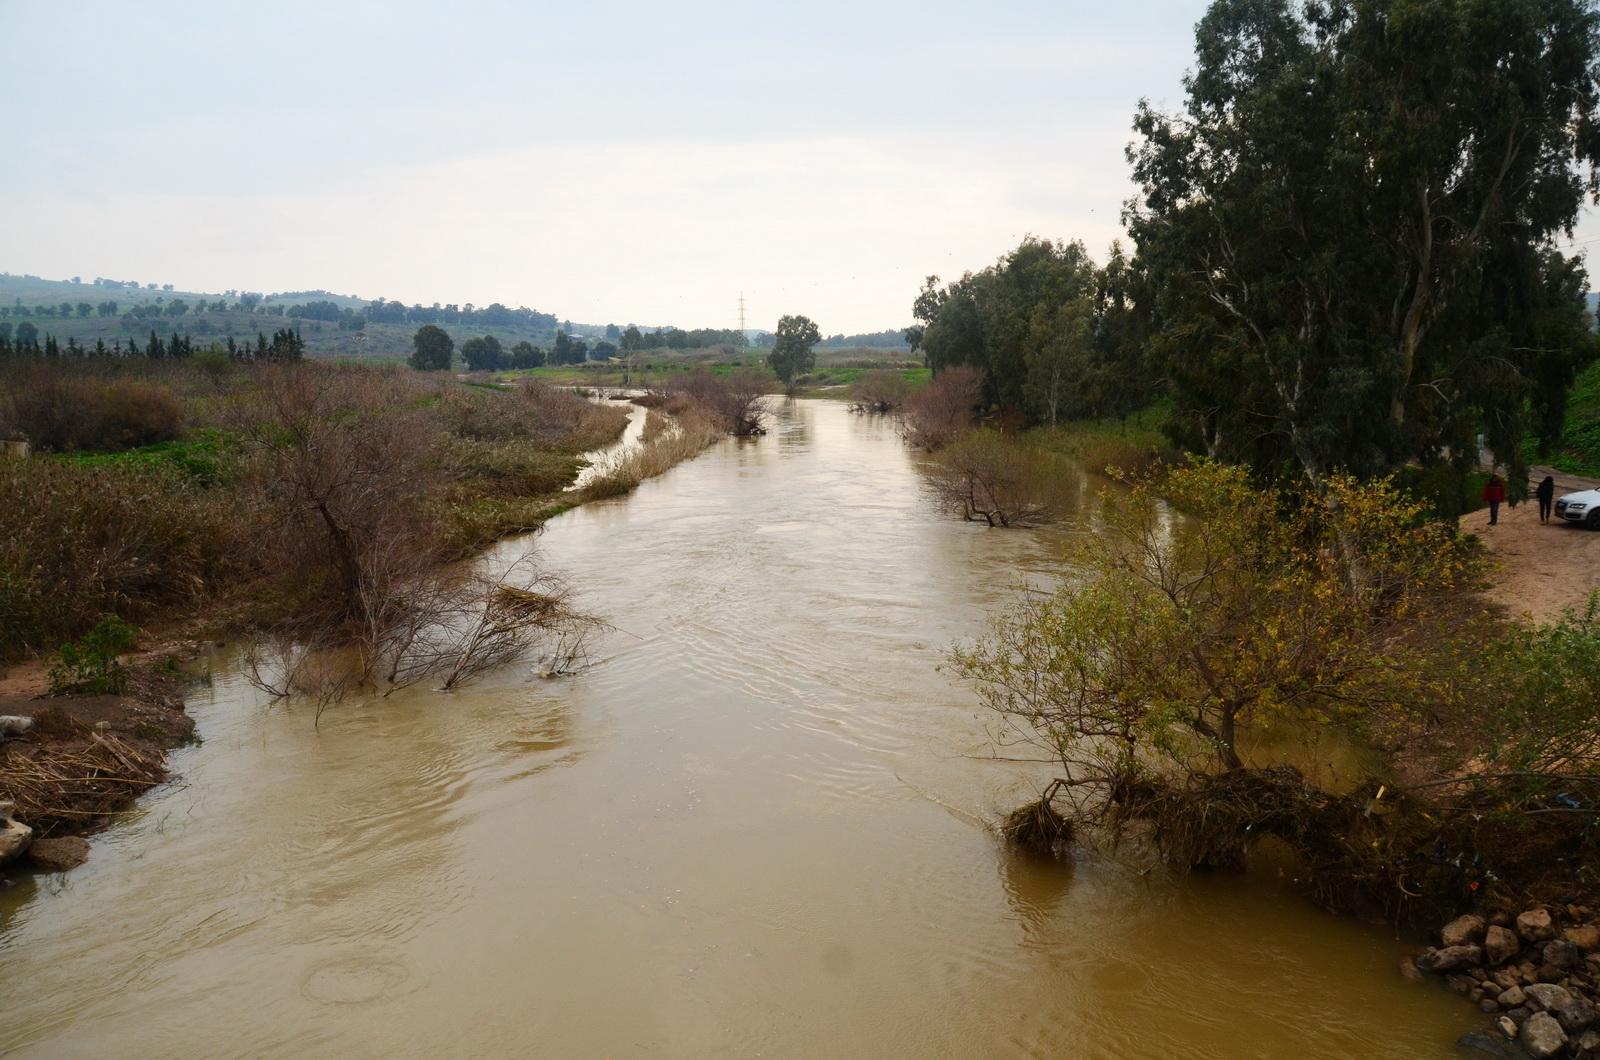 גליל עליון - הירדן בזרימה מלאה - מגשר הפקק